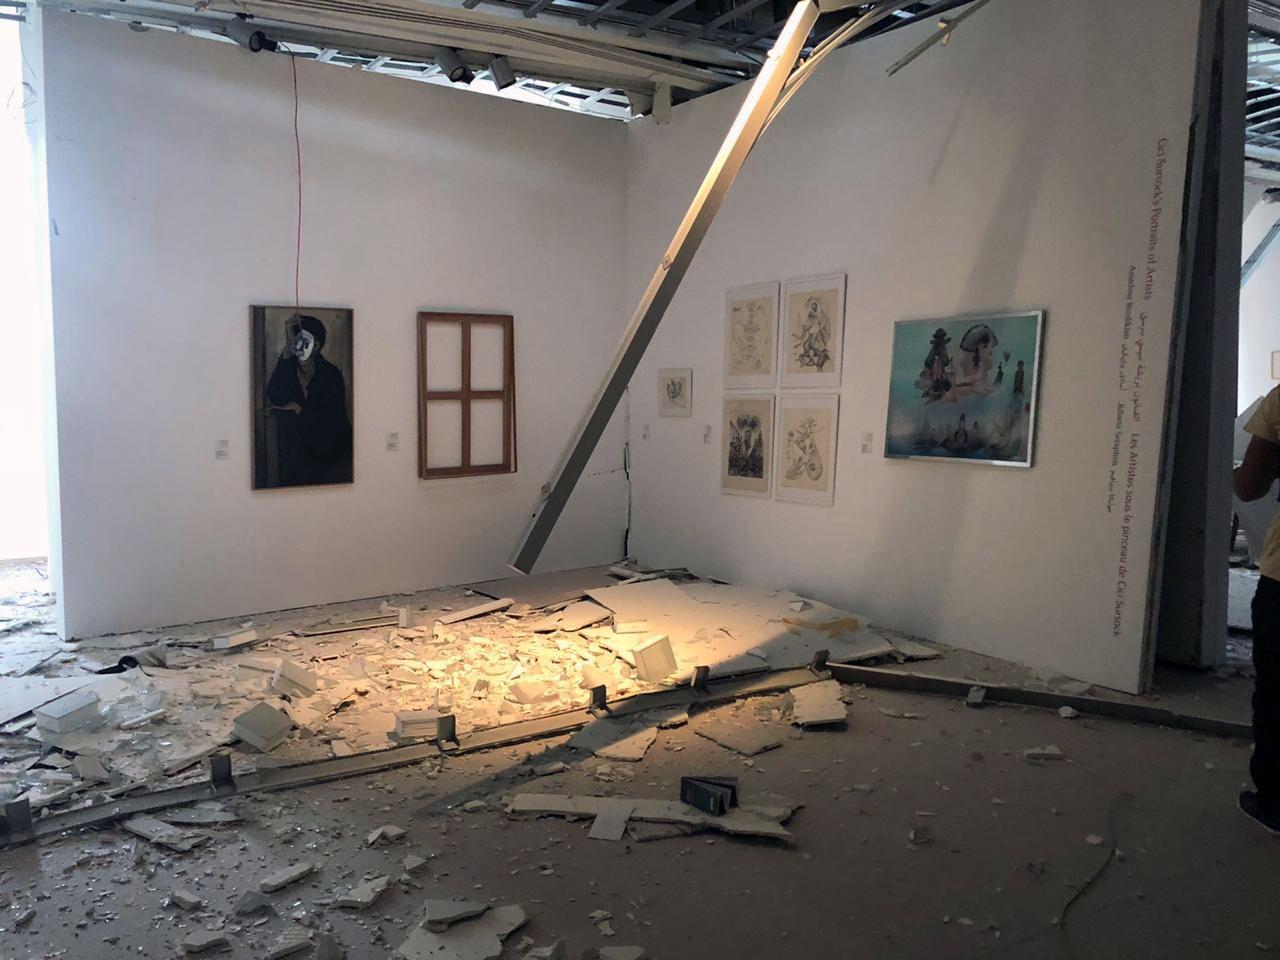 在贝鲁特爆炸中遭受重创的苏尔索克博物馆内部